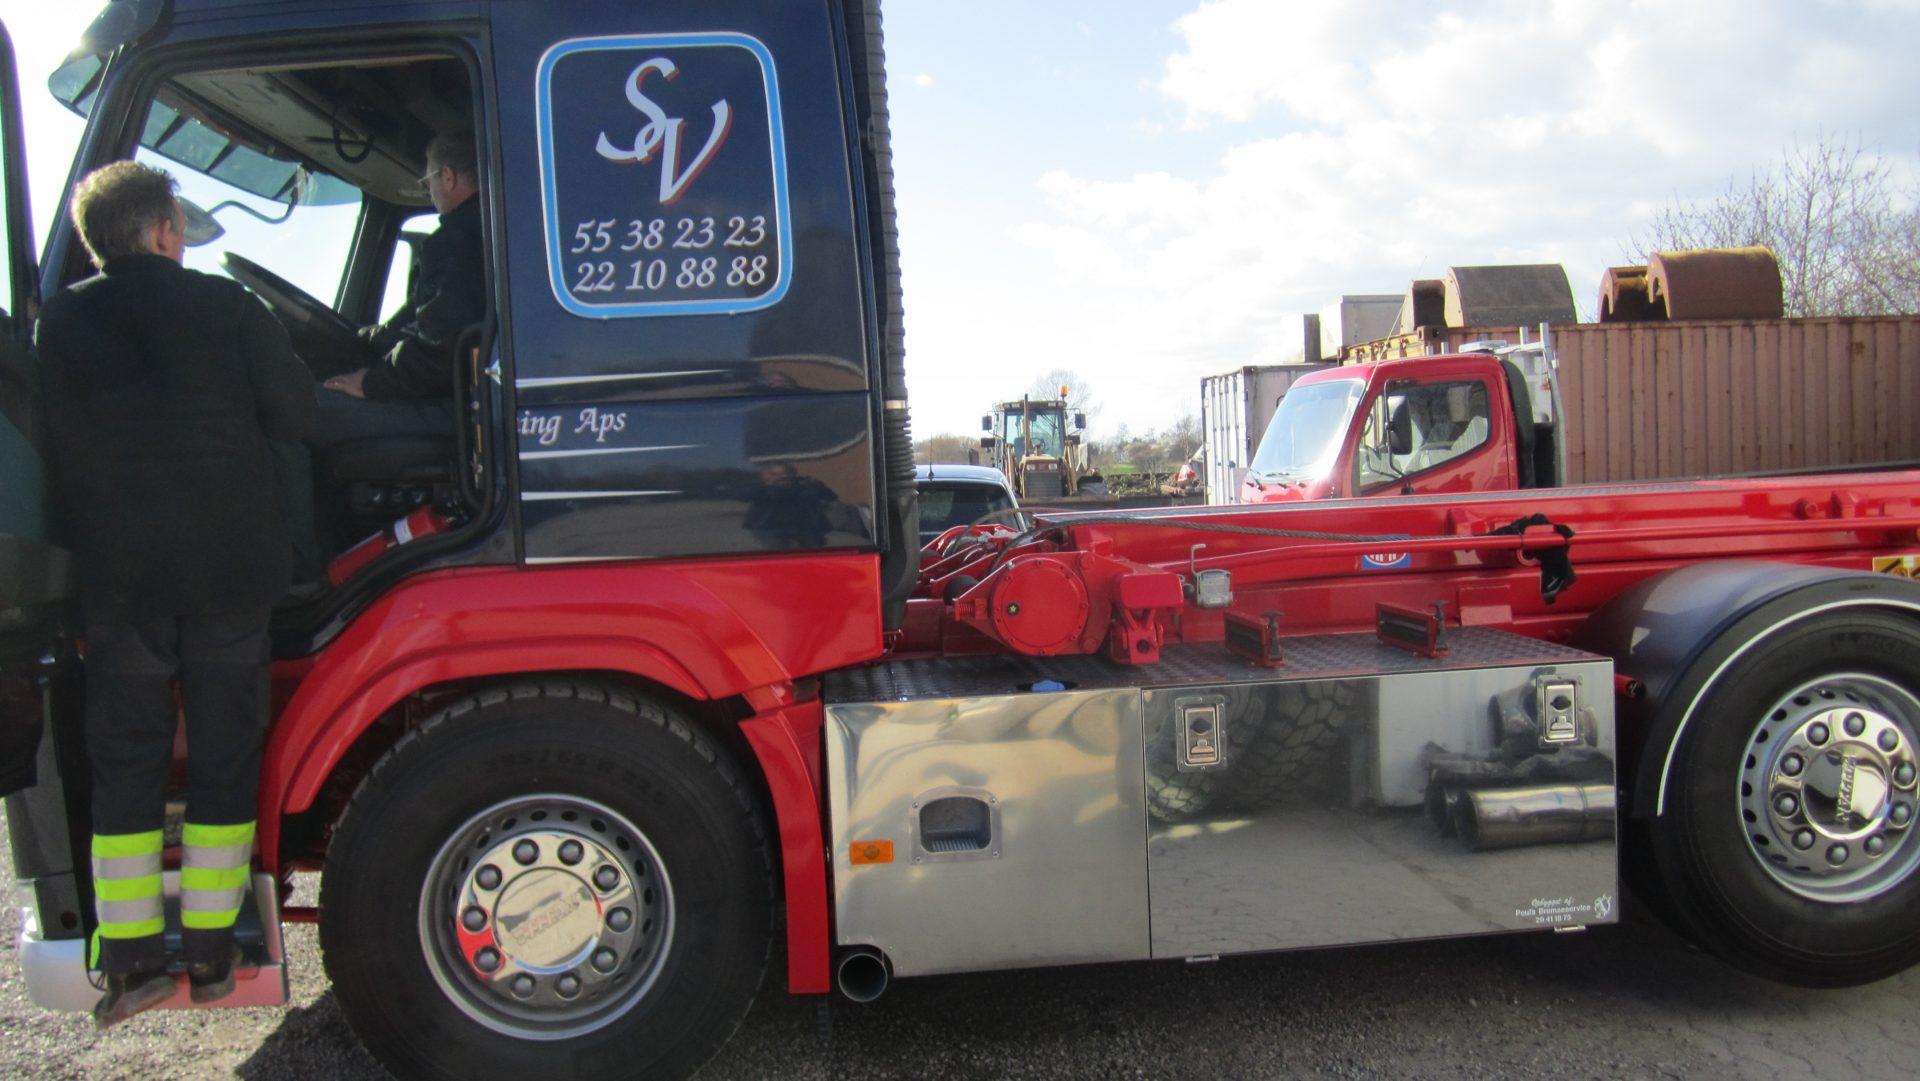 Vognmandsforretning Sallerup lastvogn